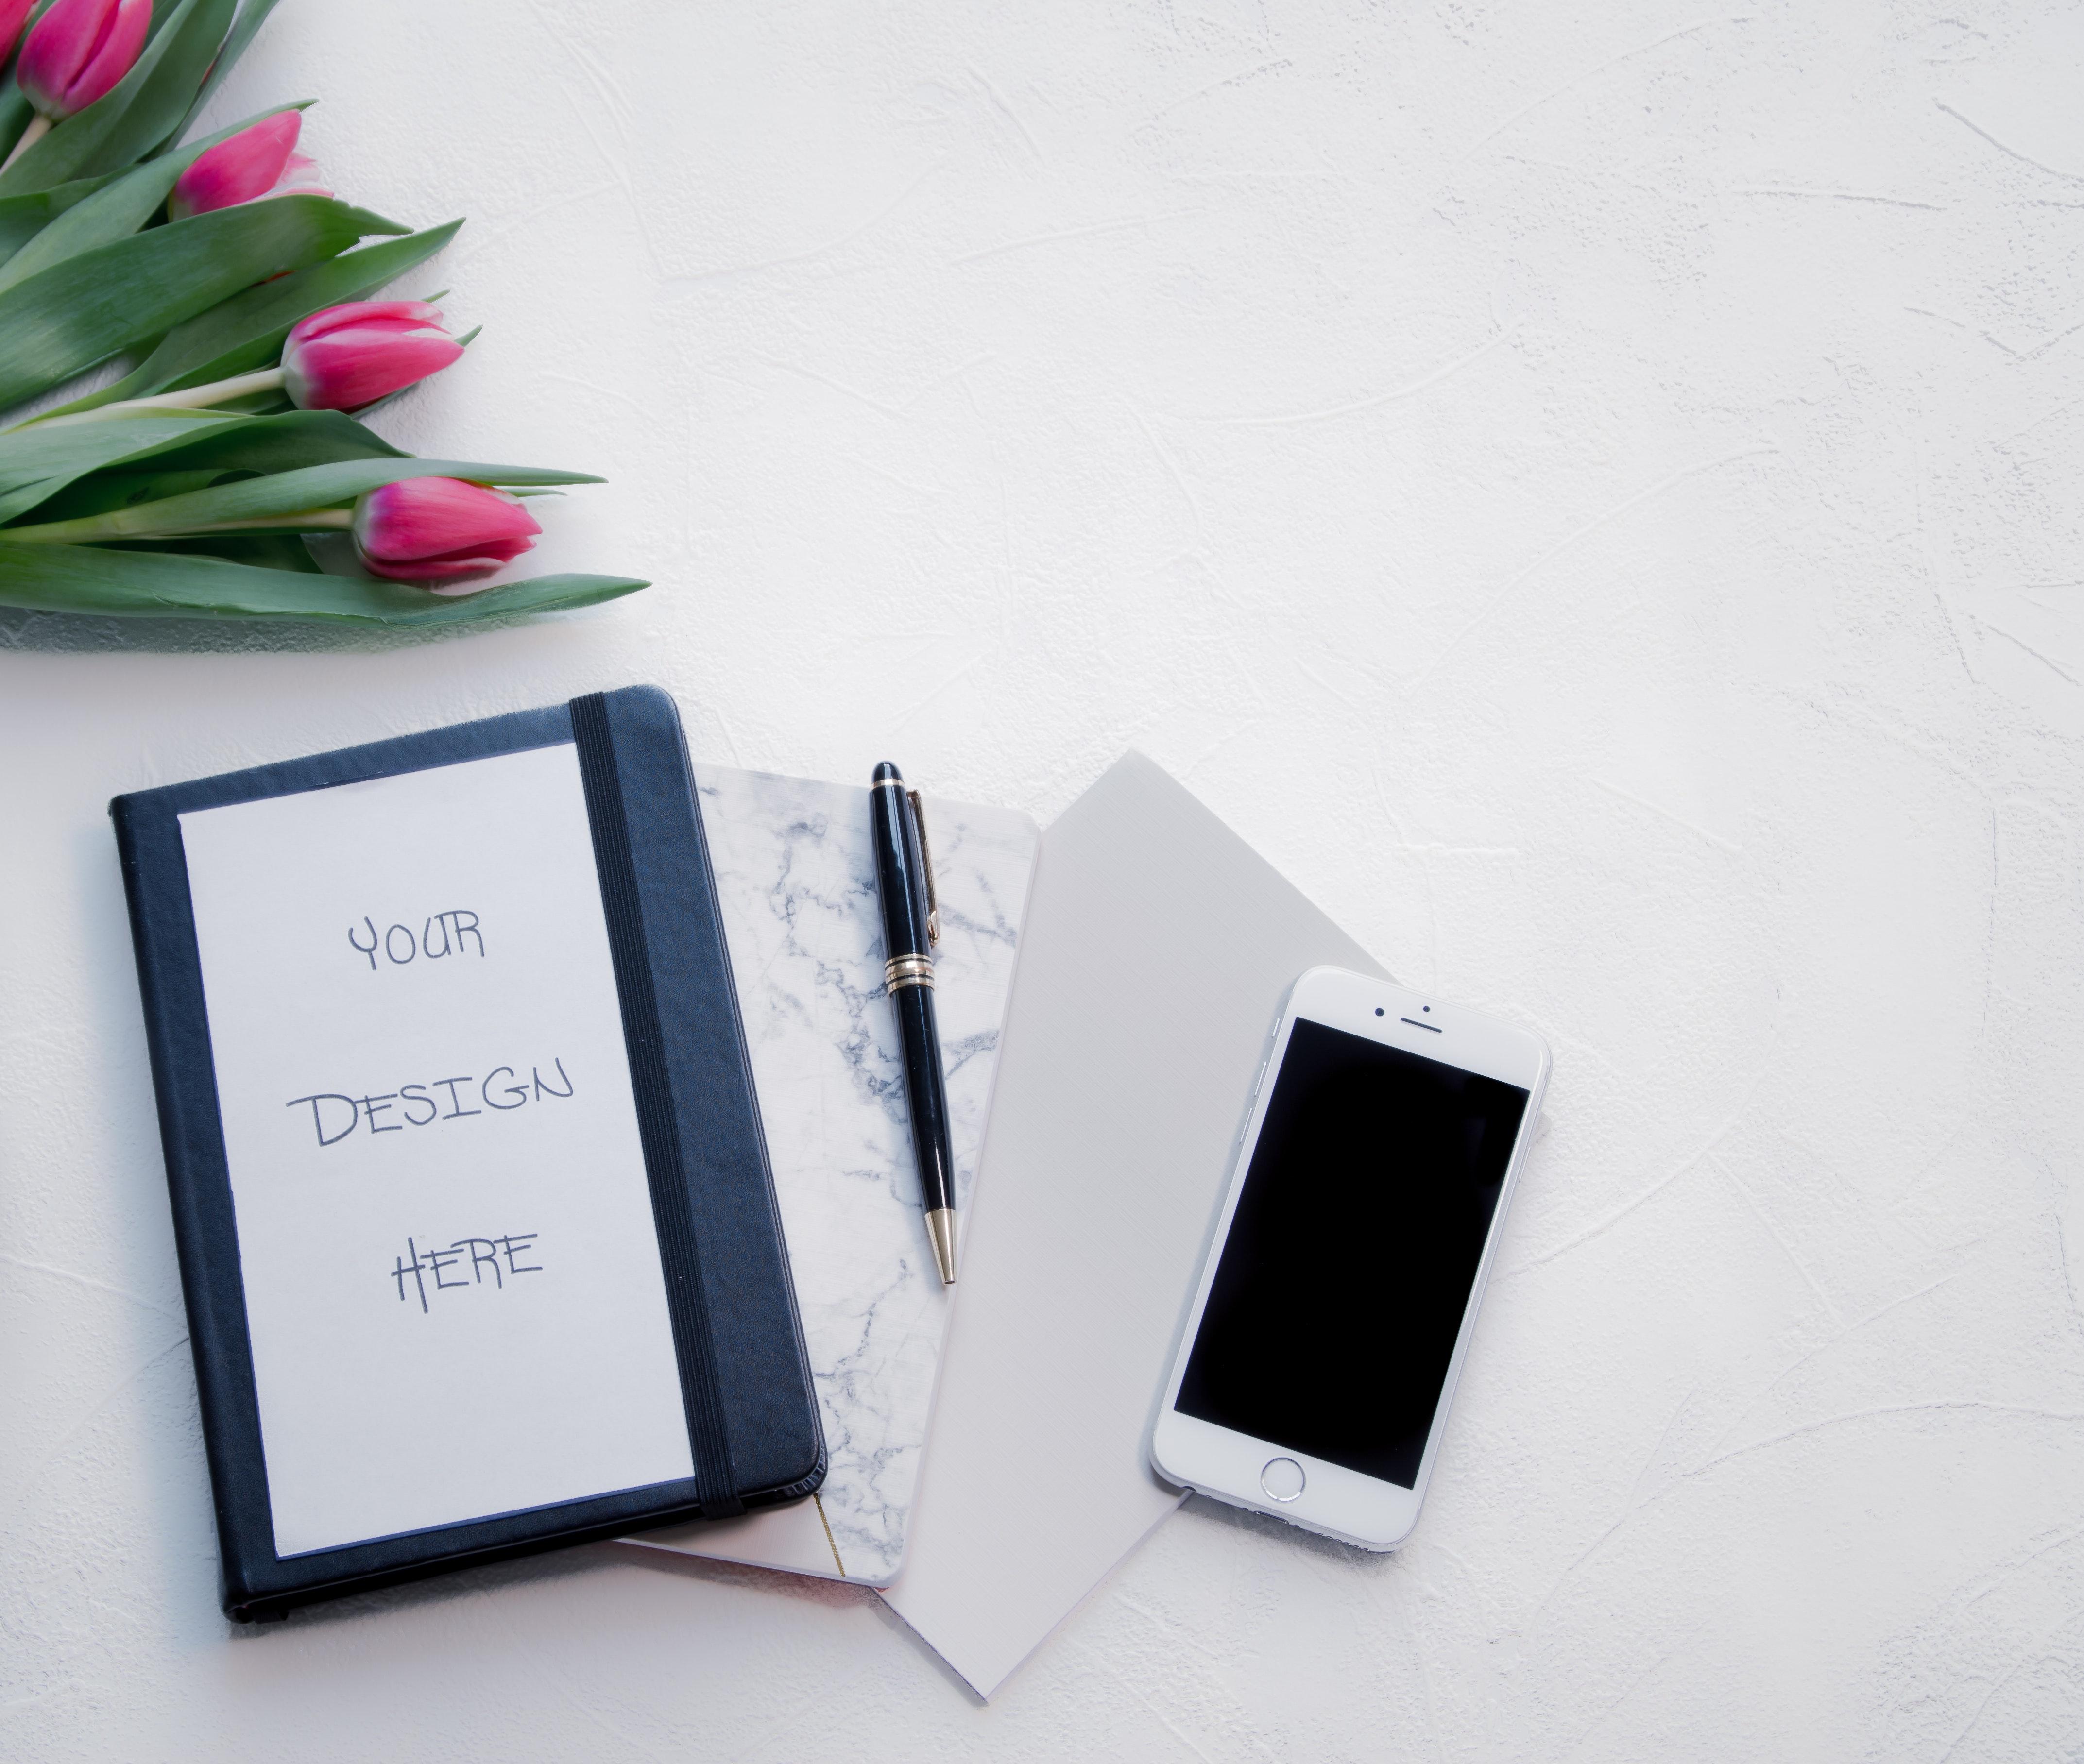 Silver iphone 6 beside black twist pen photo